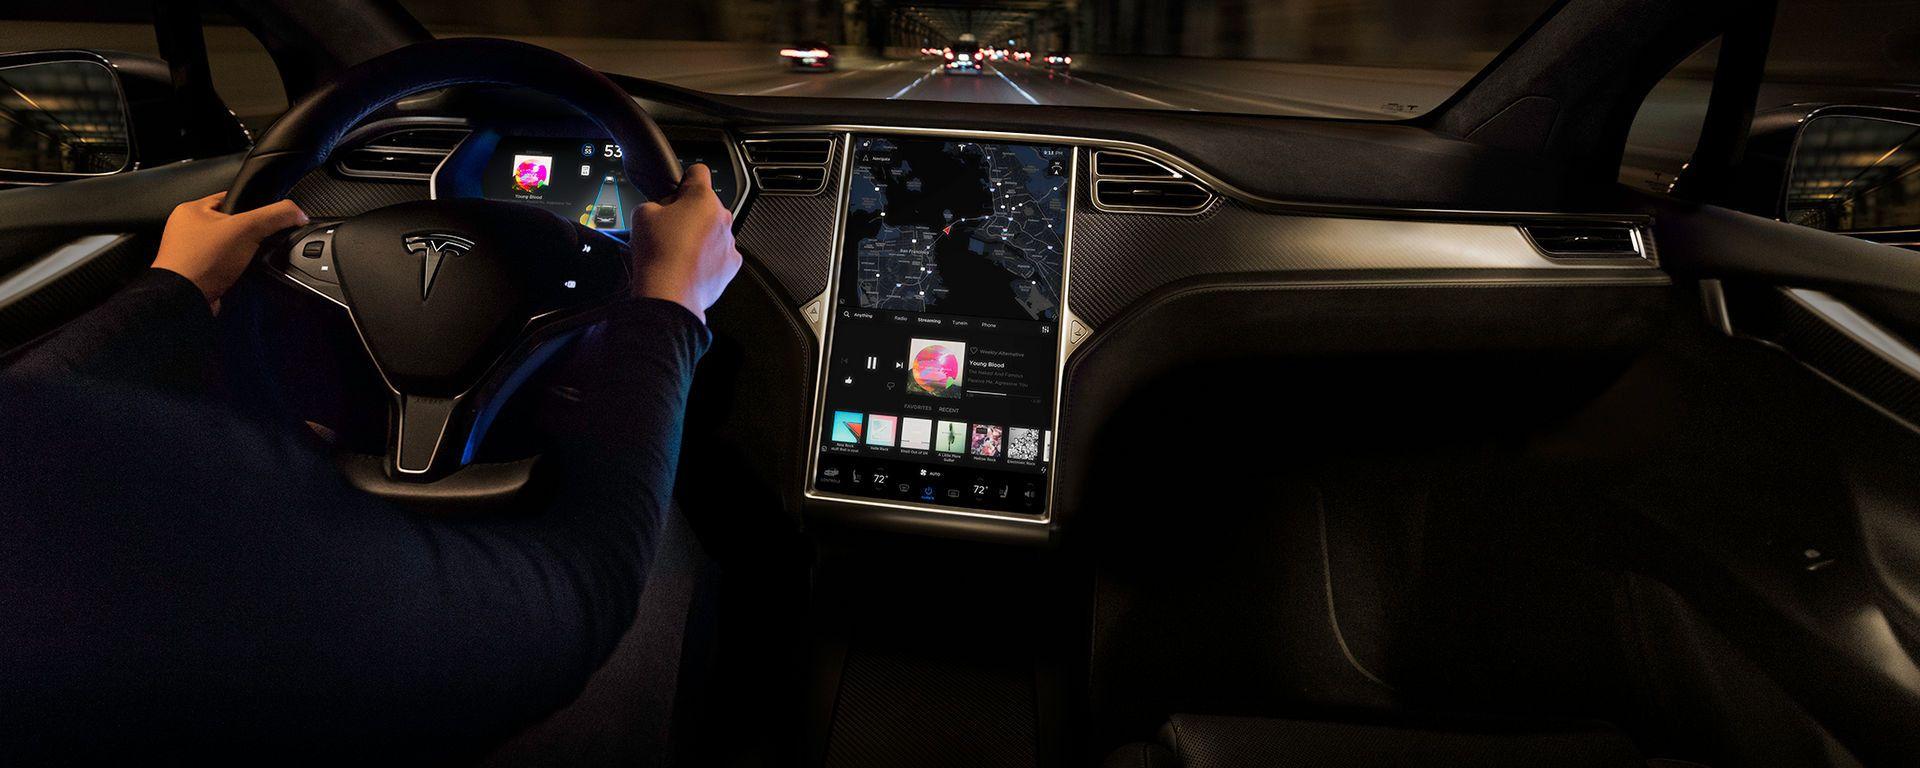 Per le feste un aggiornamento Tesla: scopri cosa contiene